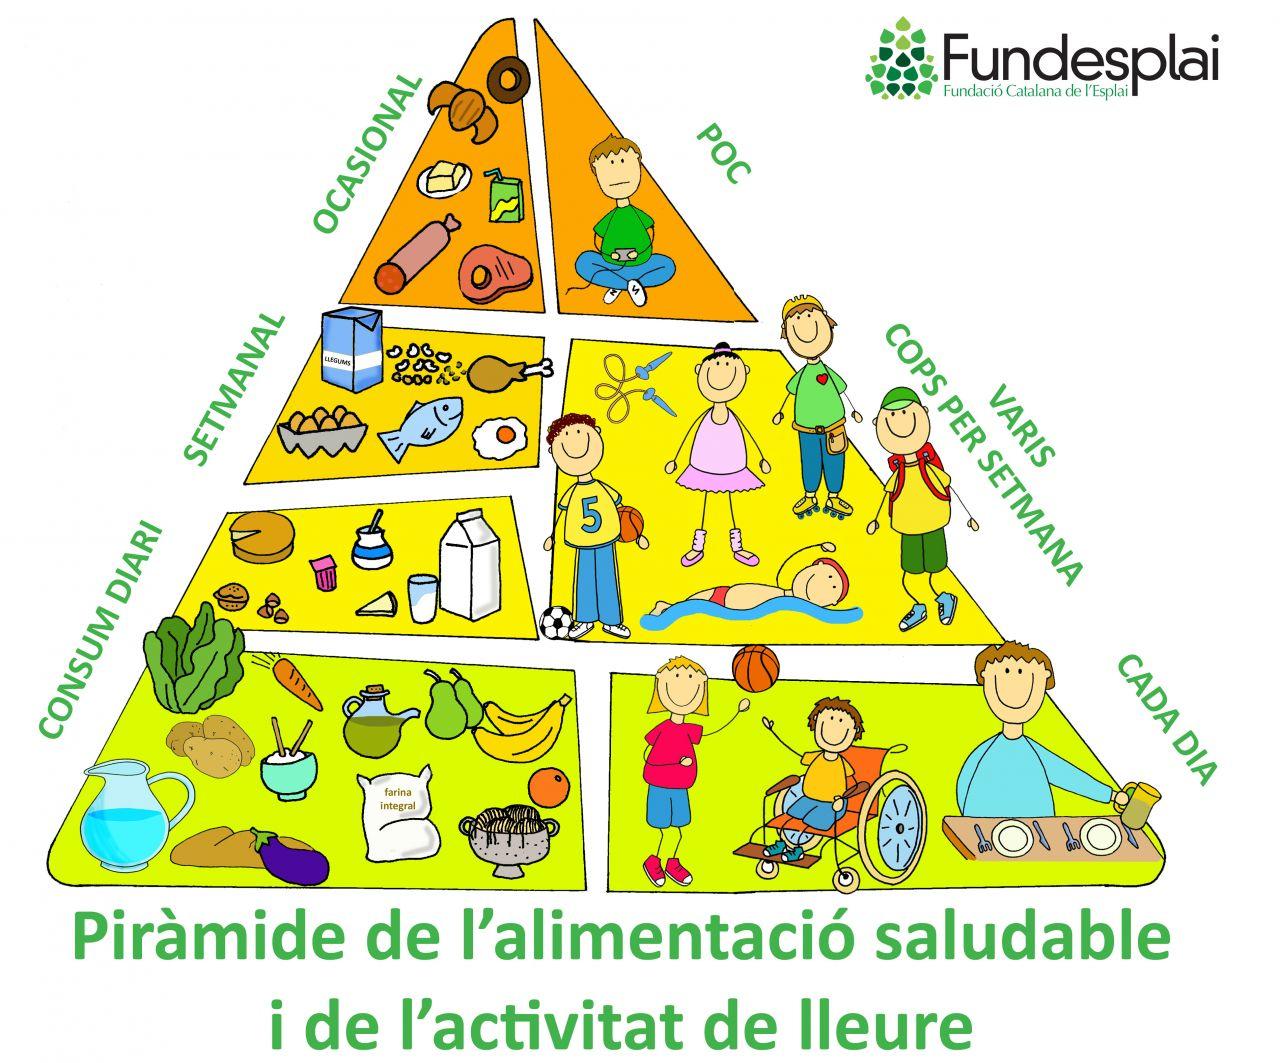 Nova piràmide de l'alimentació saludable i el lleure de Fundesplai